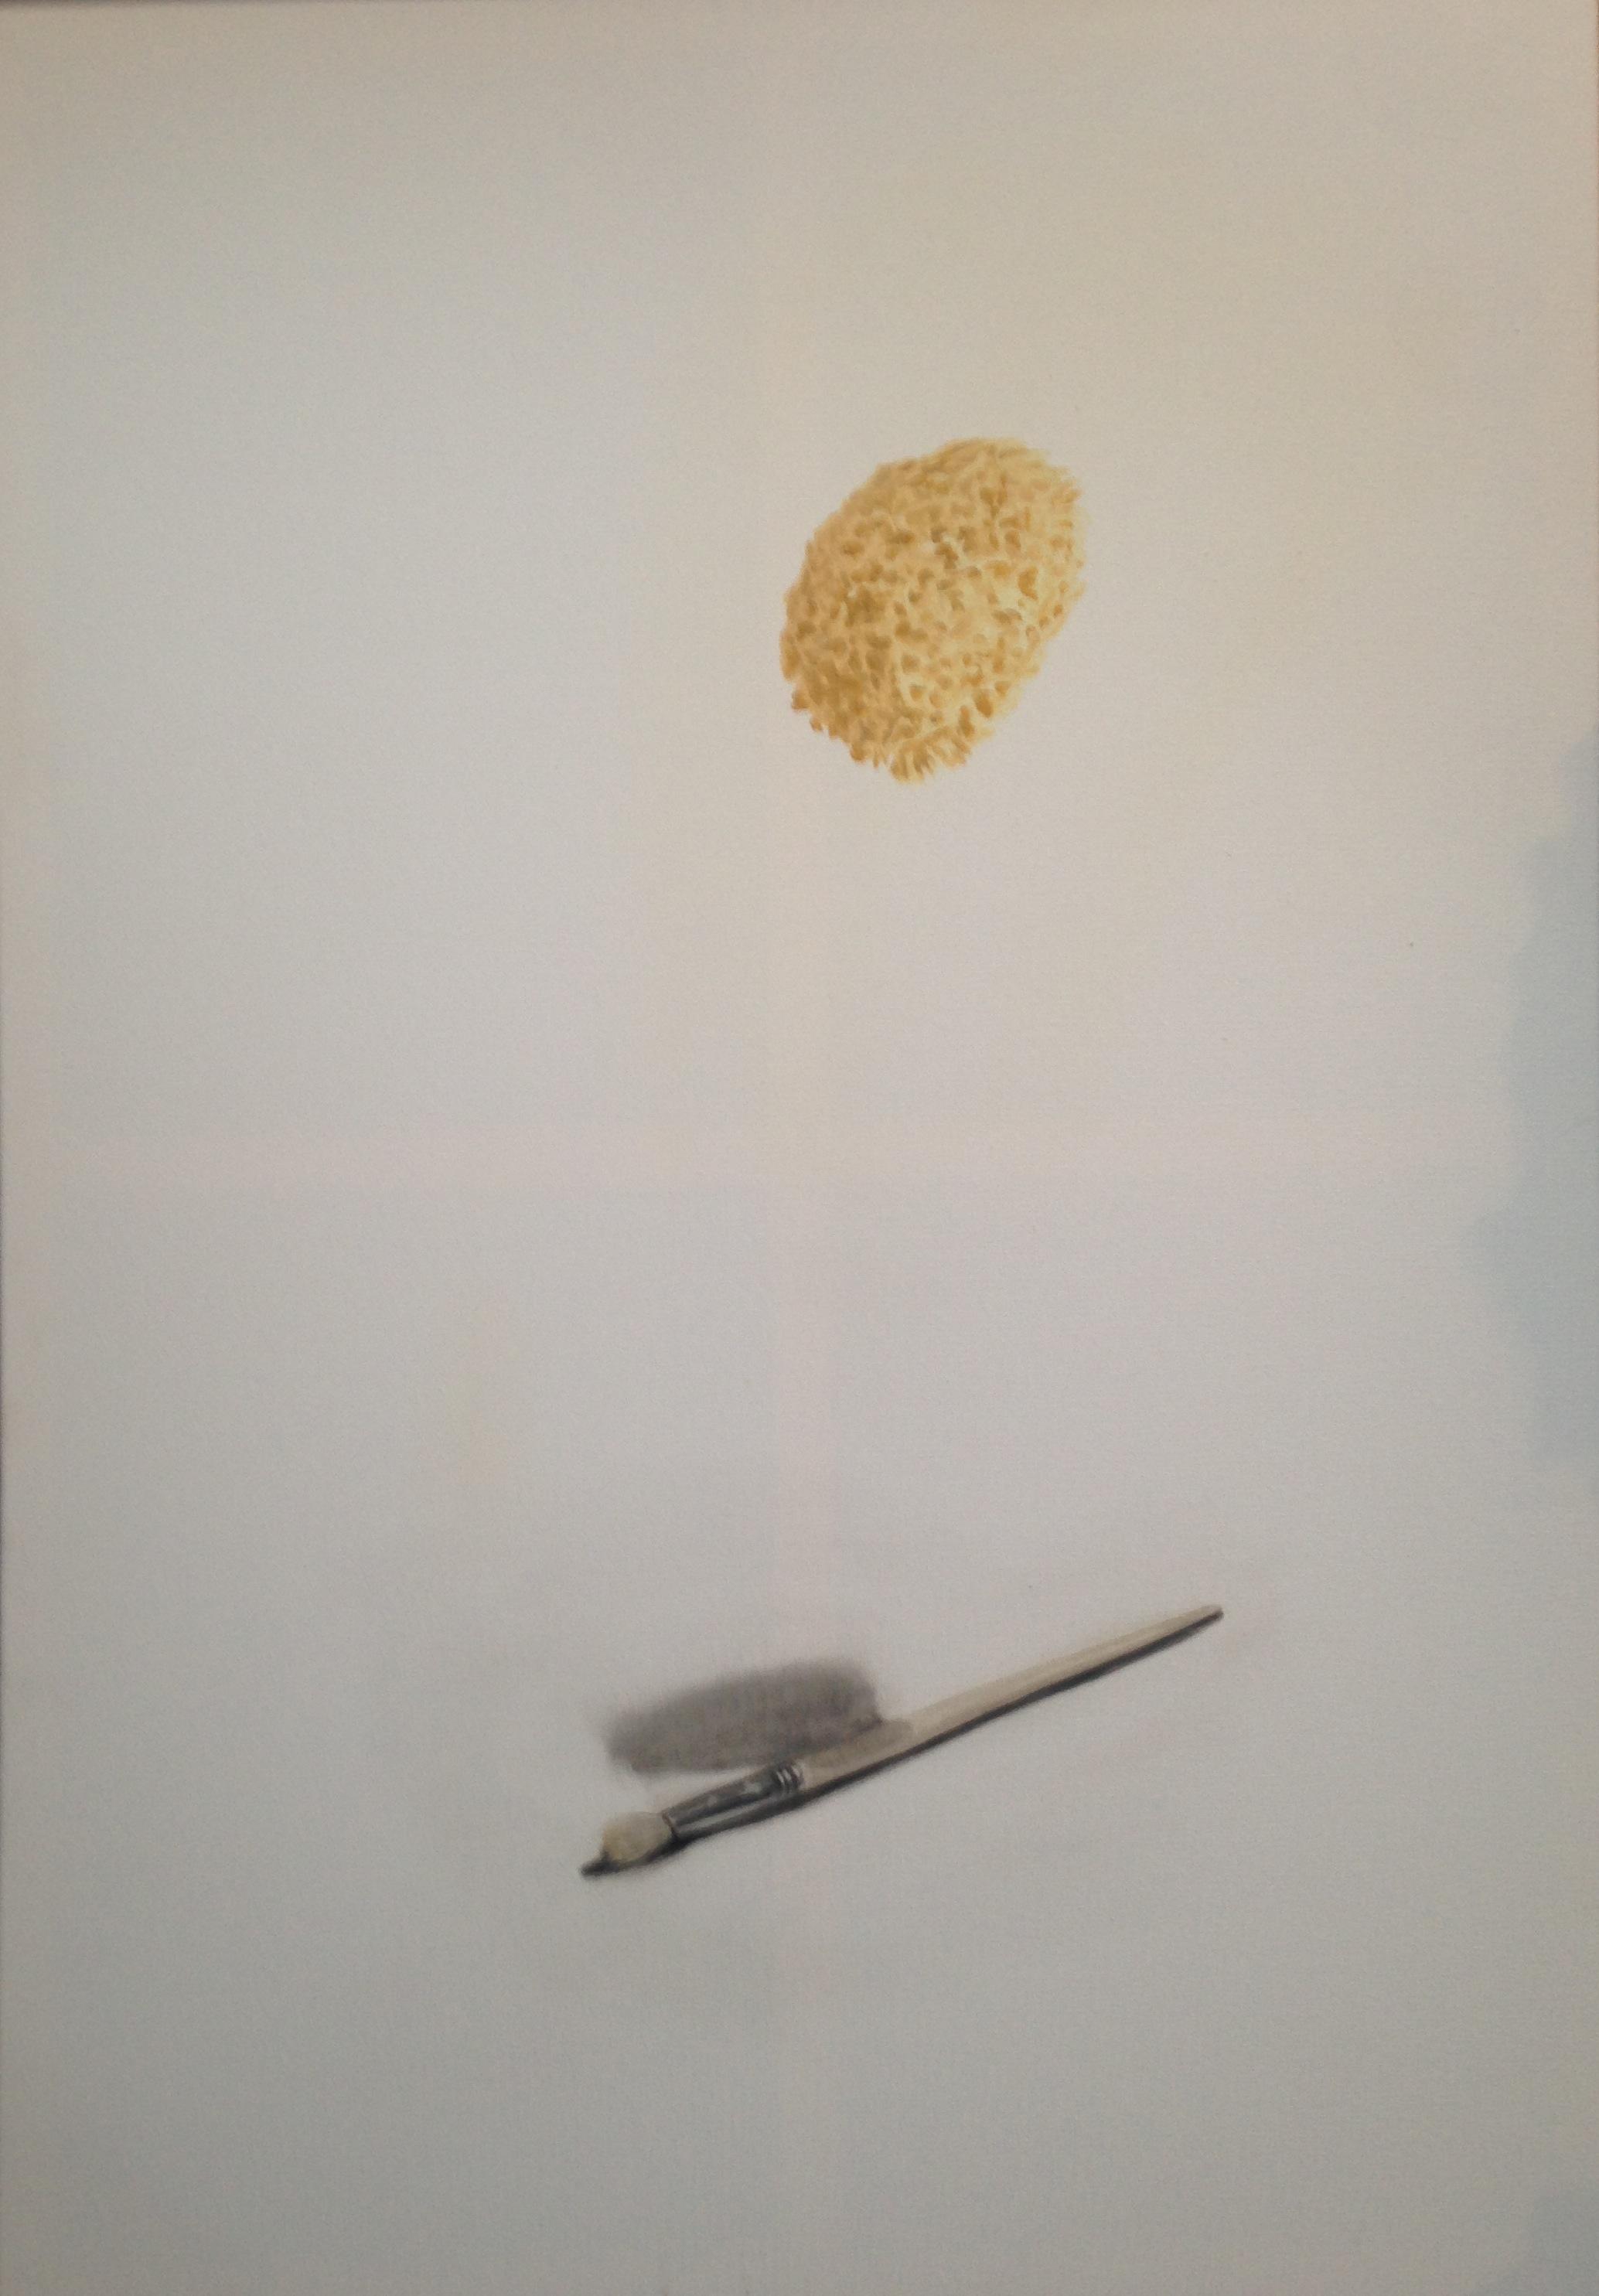 A 7) Spugna e pennello, 2018, 100x70